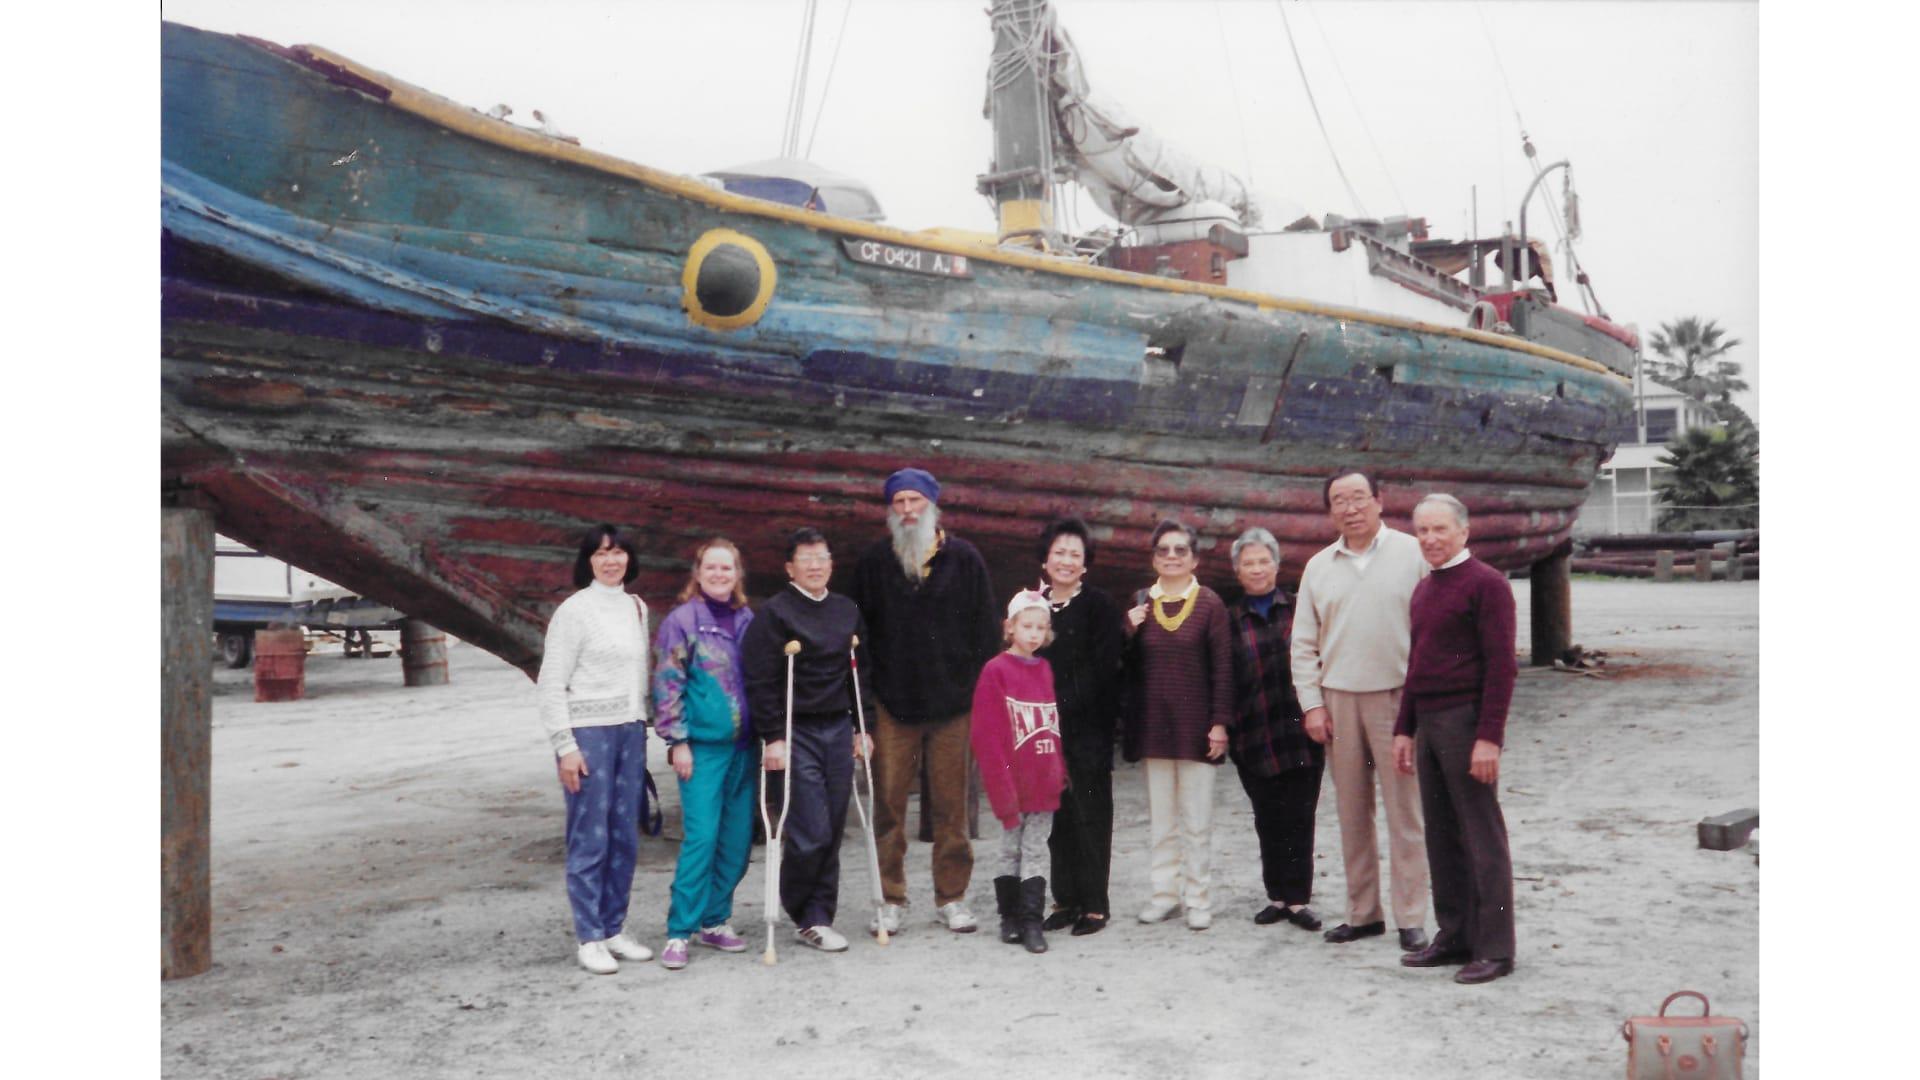 رحلة العمر.. عبر 5 صيادين ودبلوماسي ودجاجتين المحيط الهادئ في قارب خردة صيني قبل 60 عاما